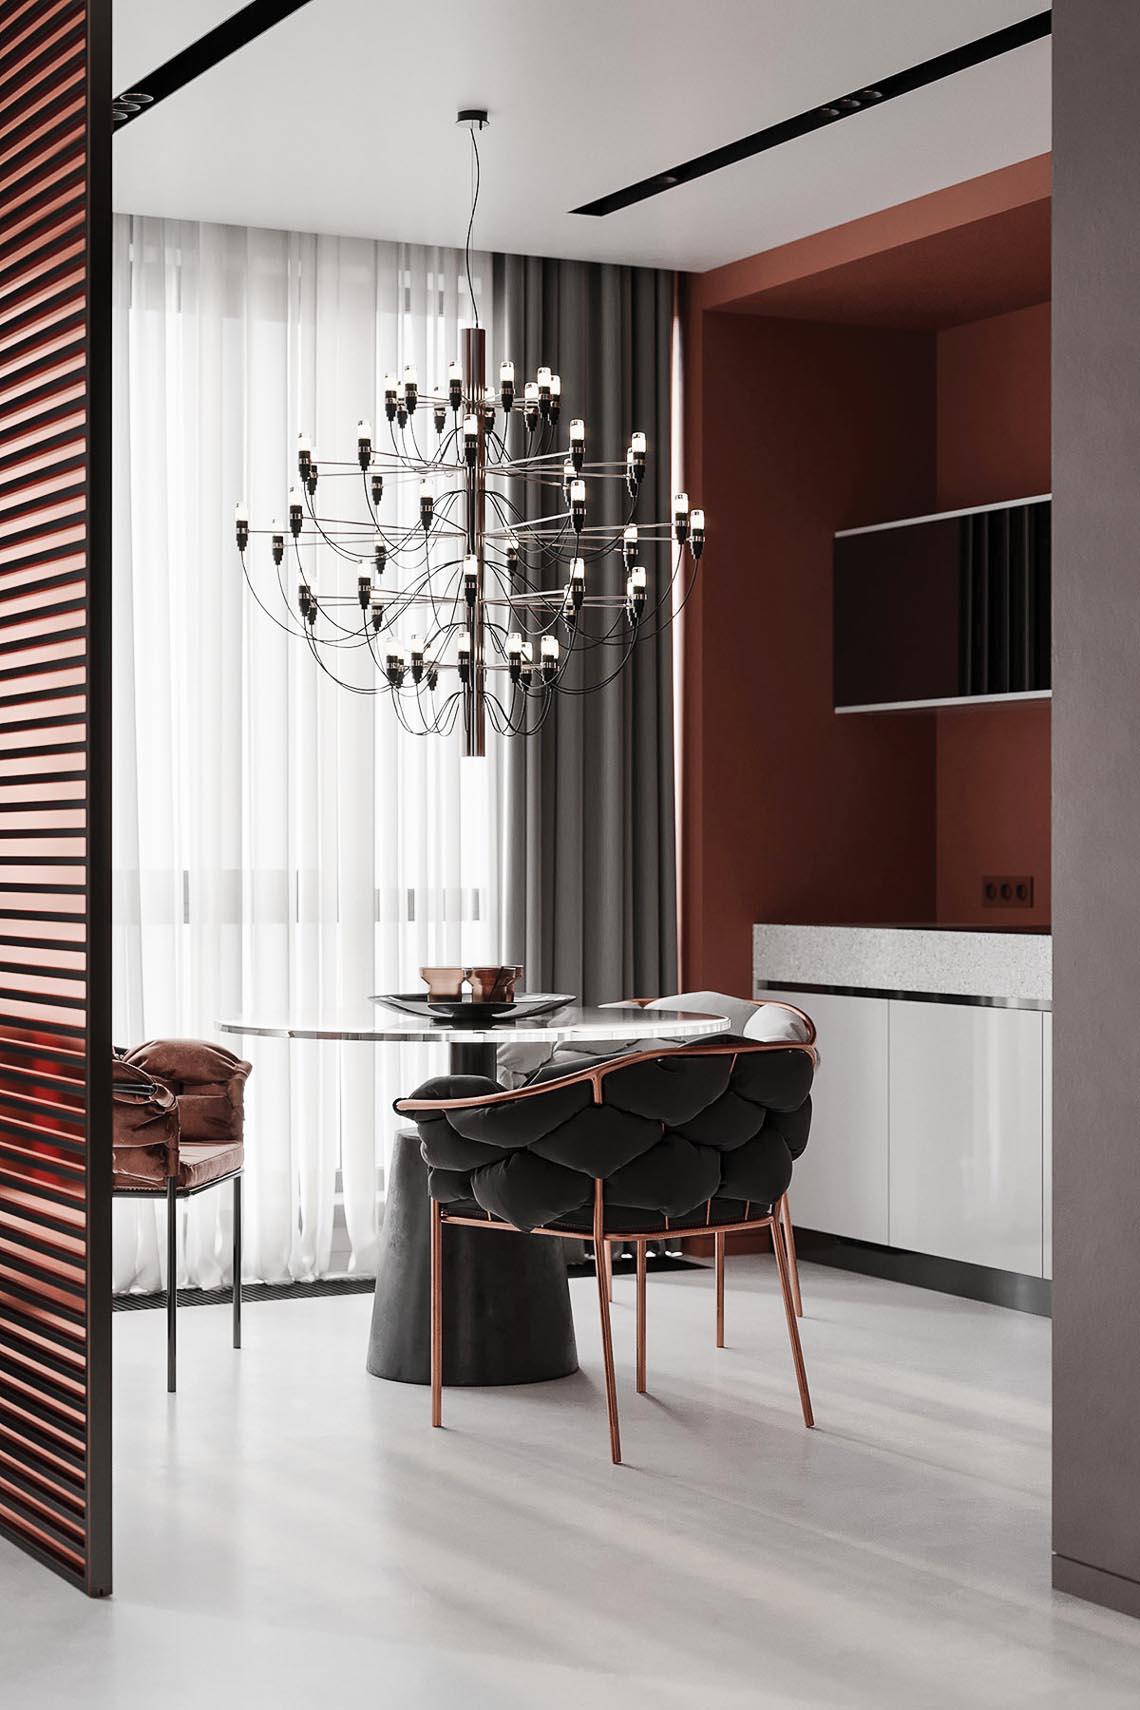 Thiết kế nội thất hiện đại với tông màu đỏ và xám theo phong cách Nhật Bản-29